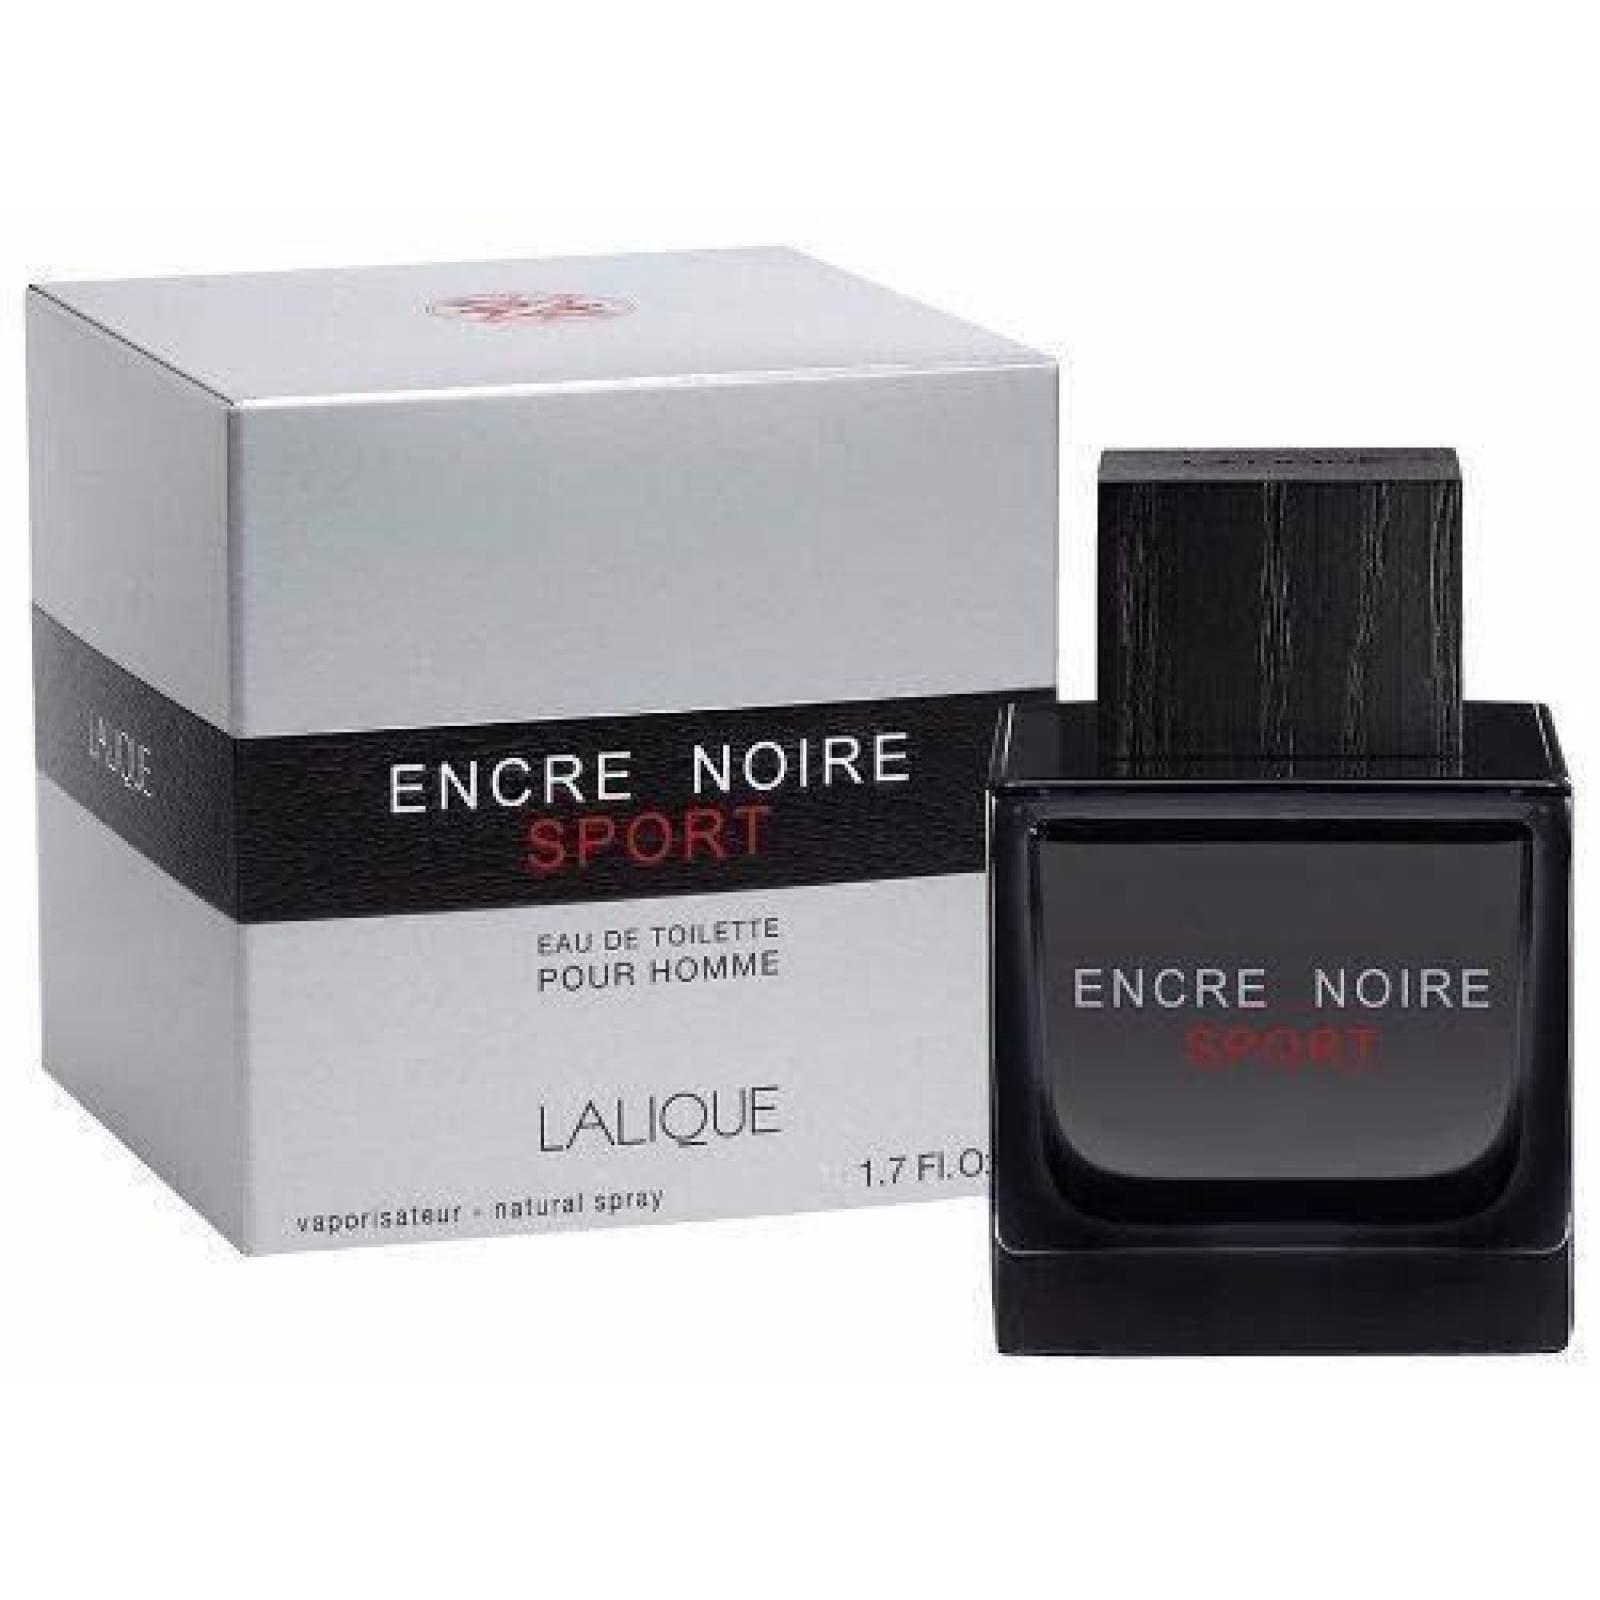 Encre Noire Sport Caballero Lalique 100 Ml Edt Spray